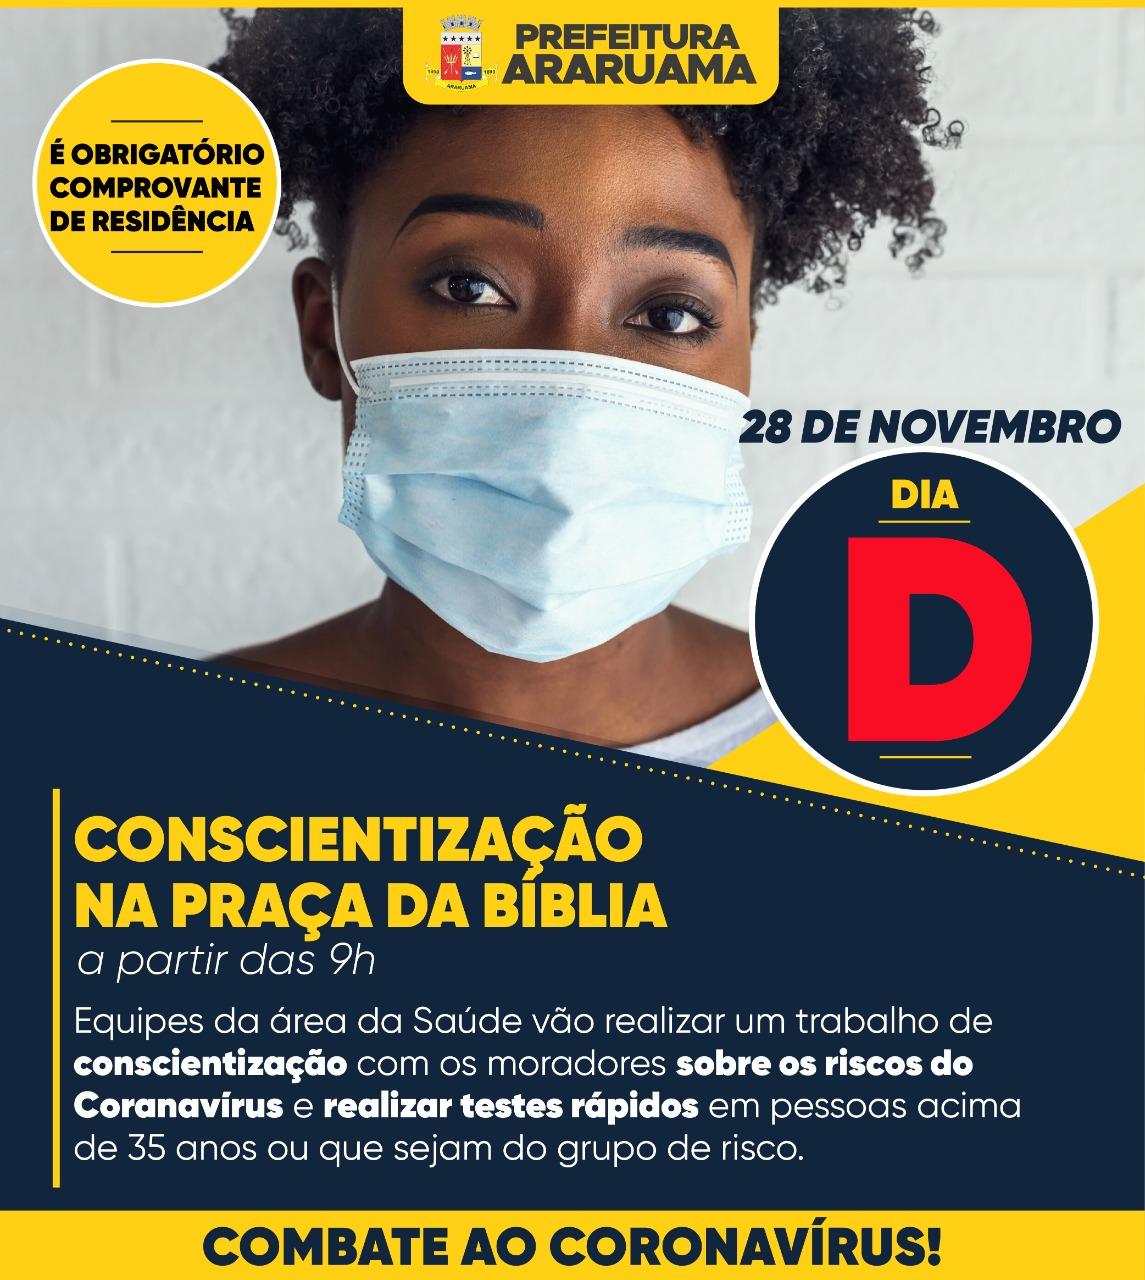 Prefeitura de Araruama vai realizar Dia D de Conscientização sobre os riscos do Coronavírus na Praça da Bíblia, Centro